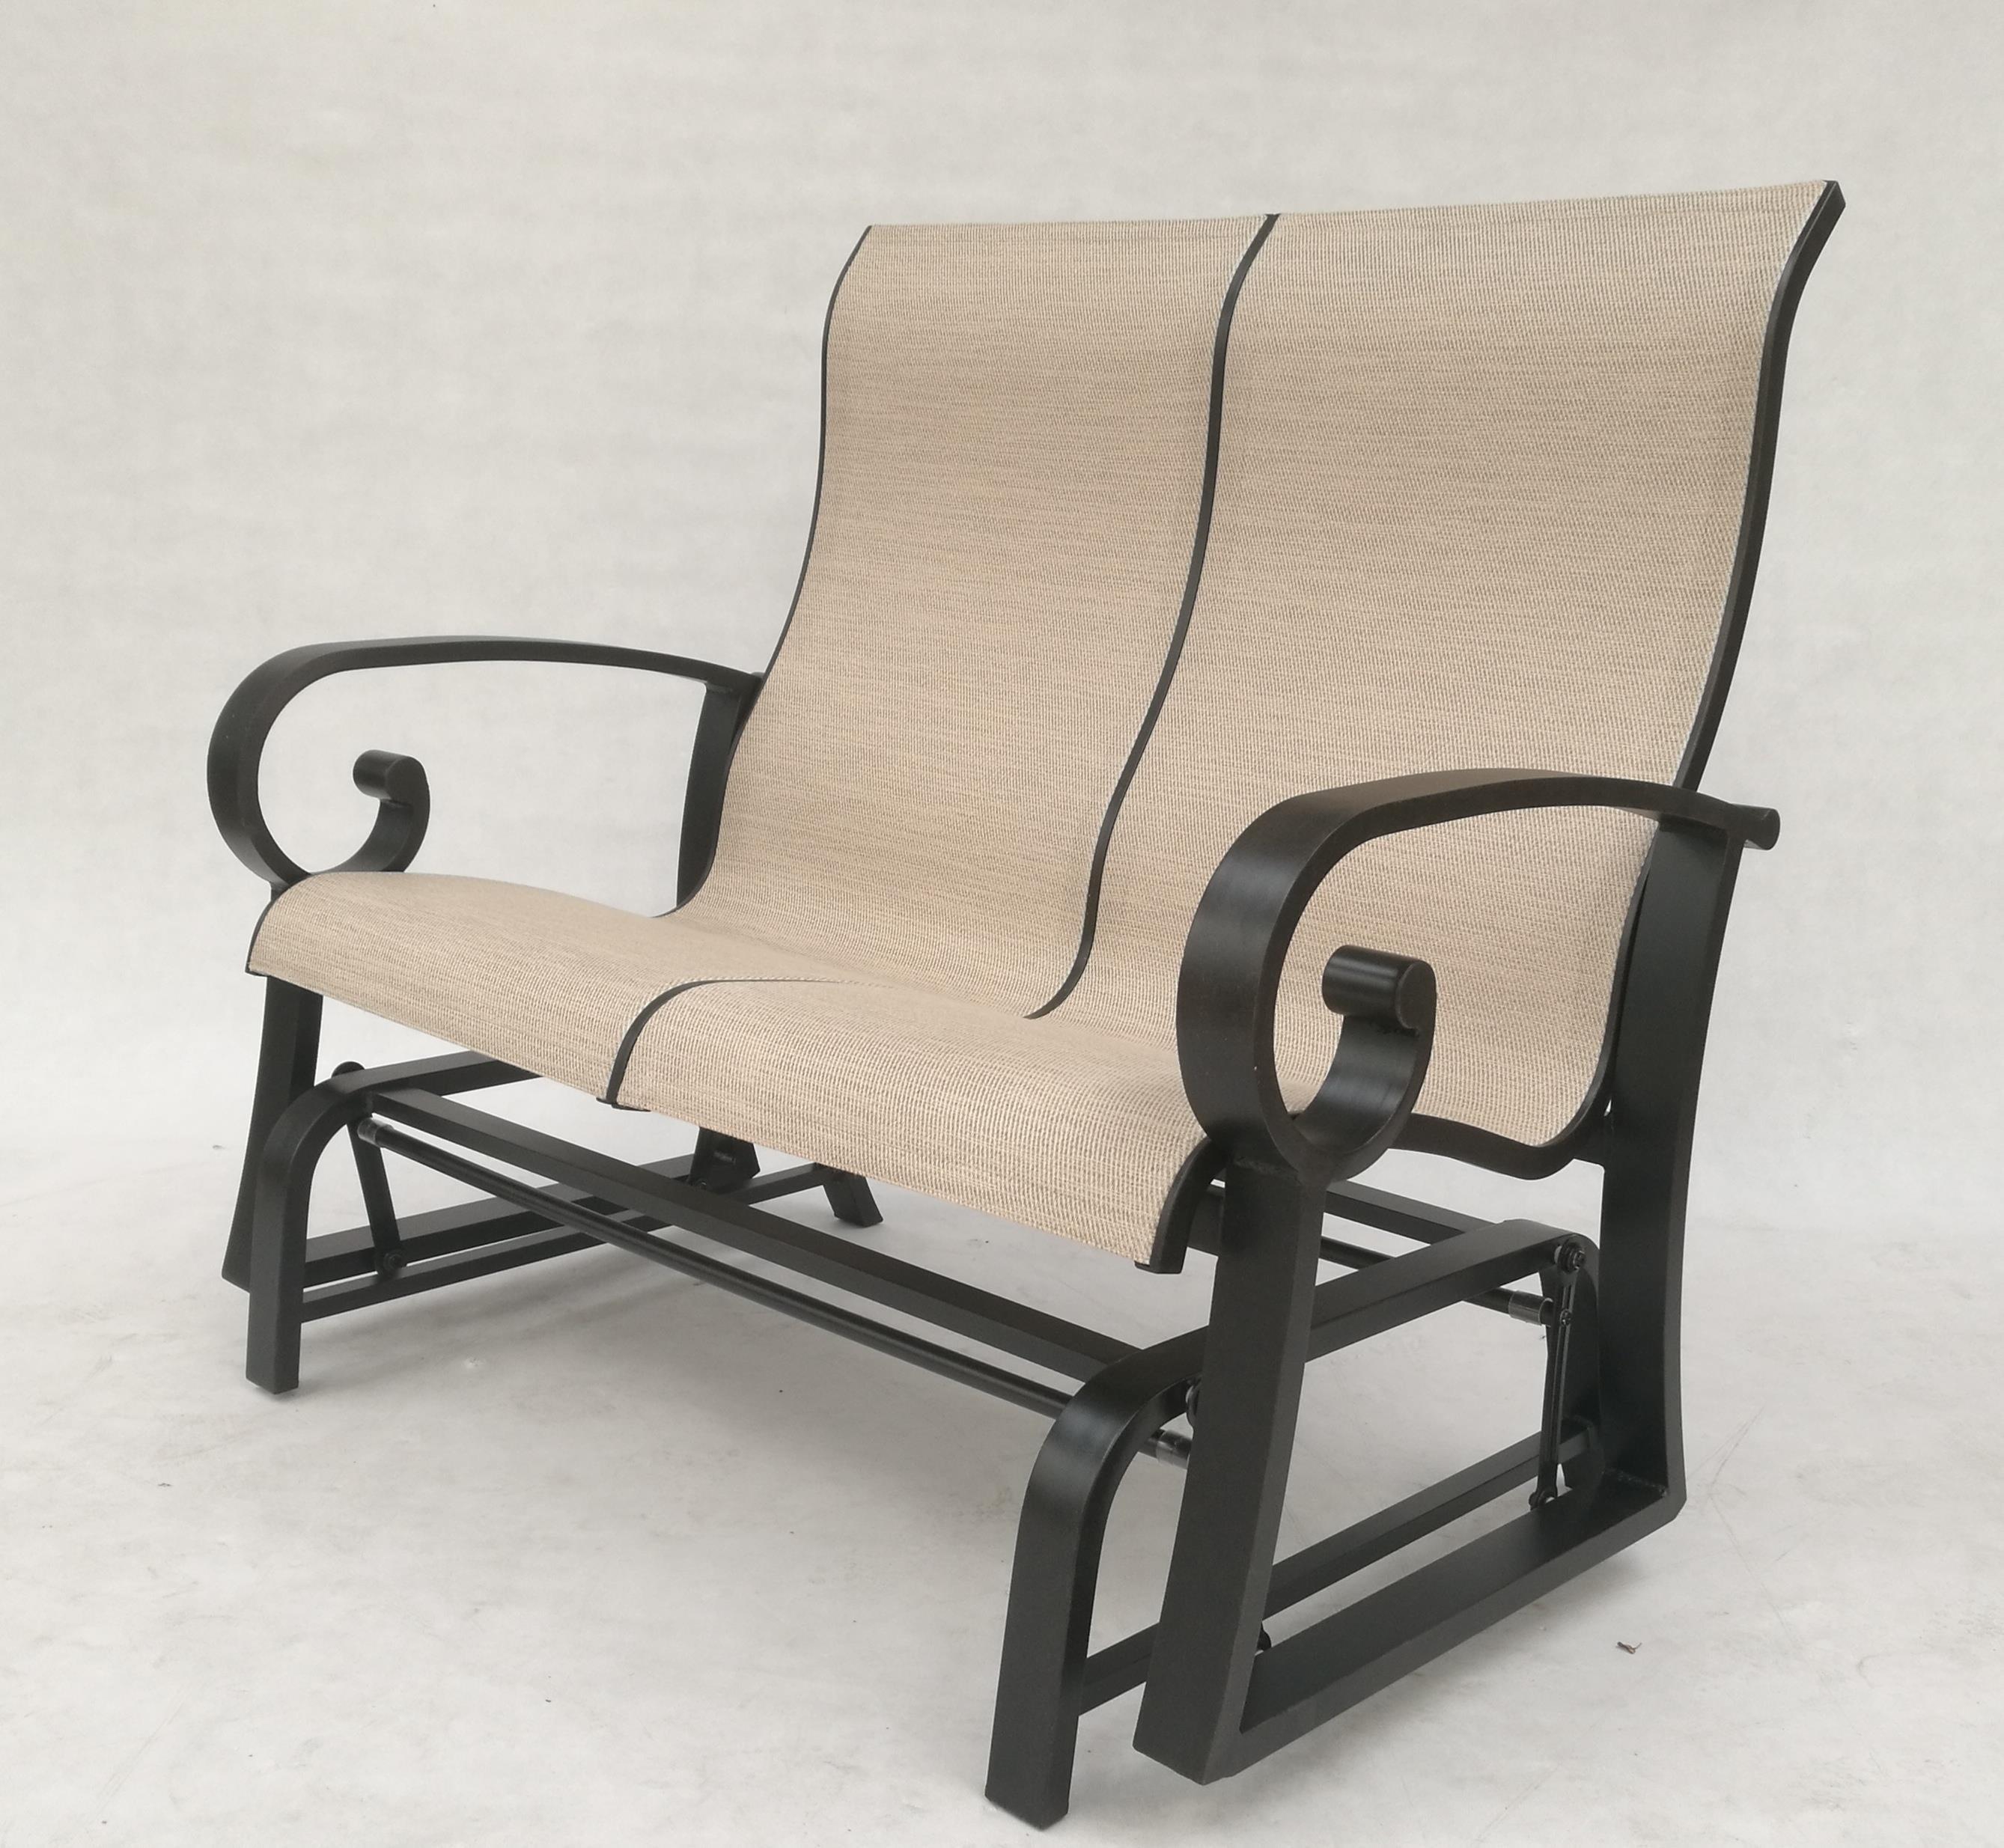 Crown Garden Loveseat Glider by Crown Garden Furniture at Johnny Janosik